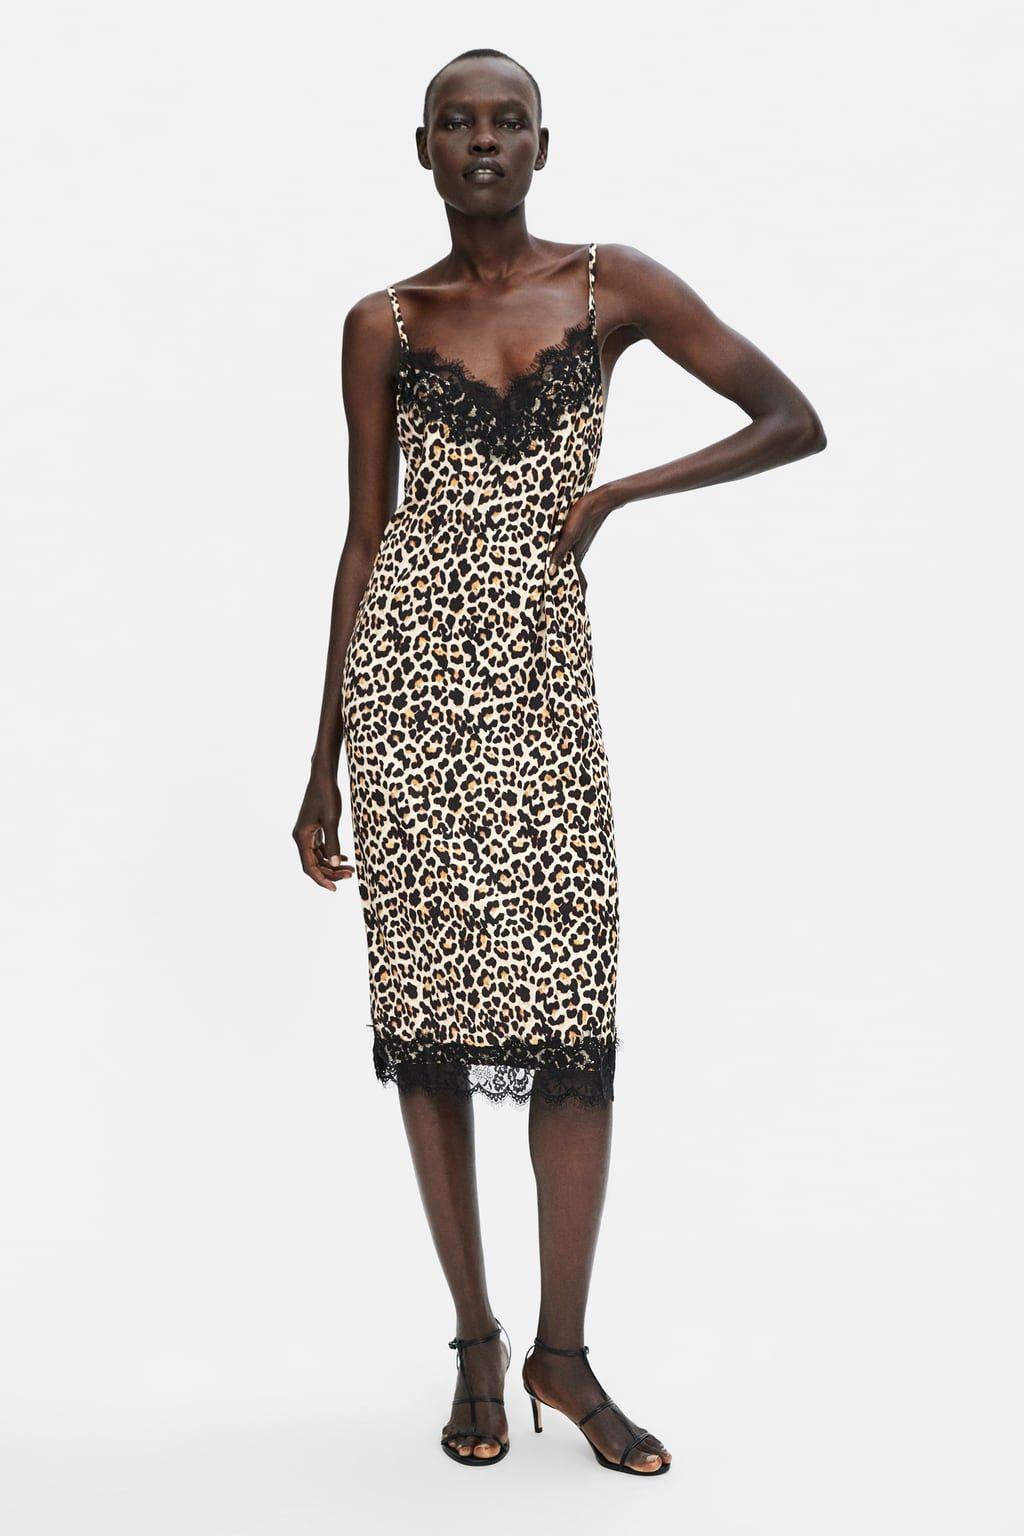 disfruta del envío gratis el precio más bajo comprando ahora VESTIDO LENCERO | My Bargain Buys in 2019 | Dresses, Fashion ...